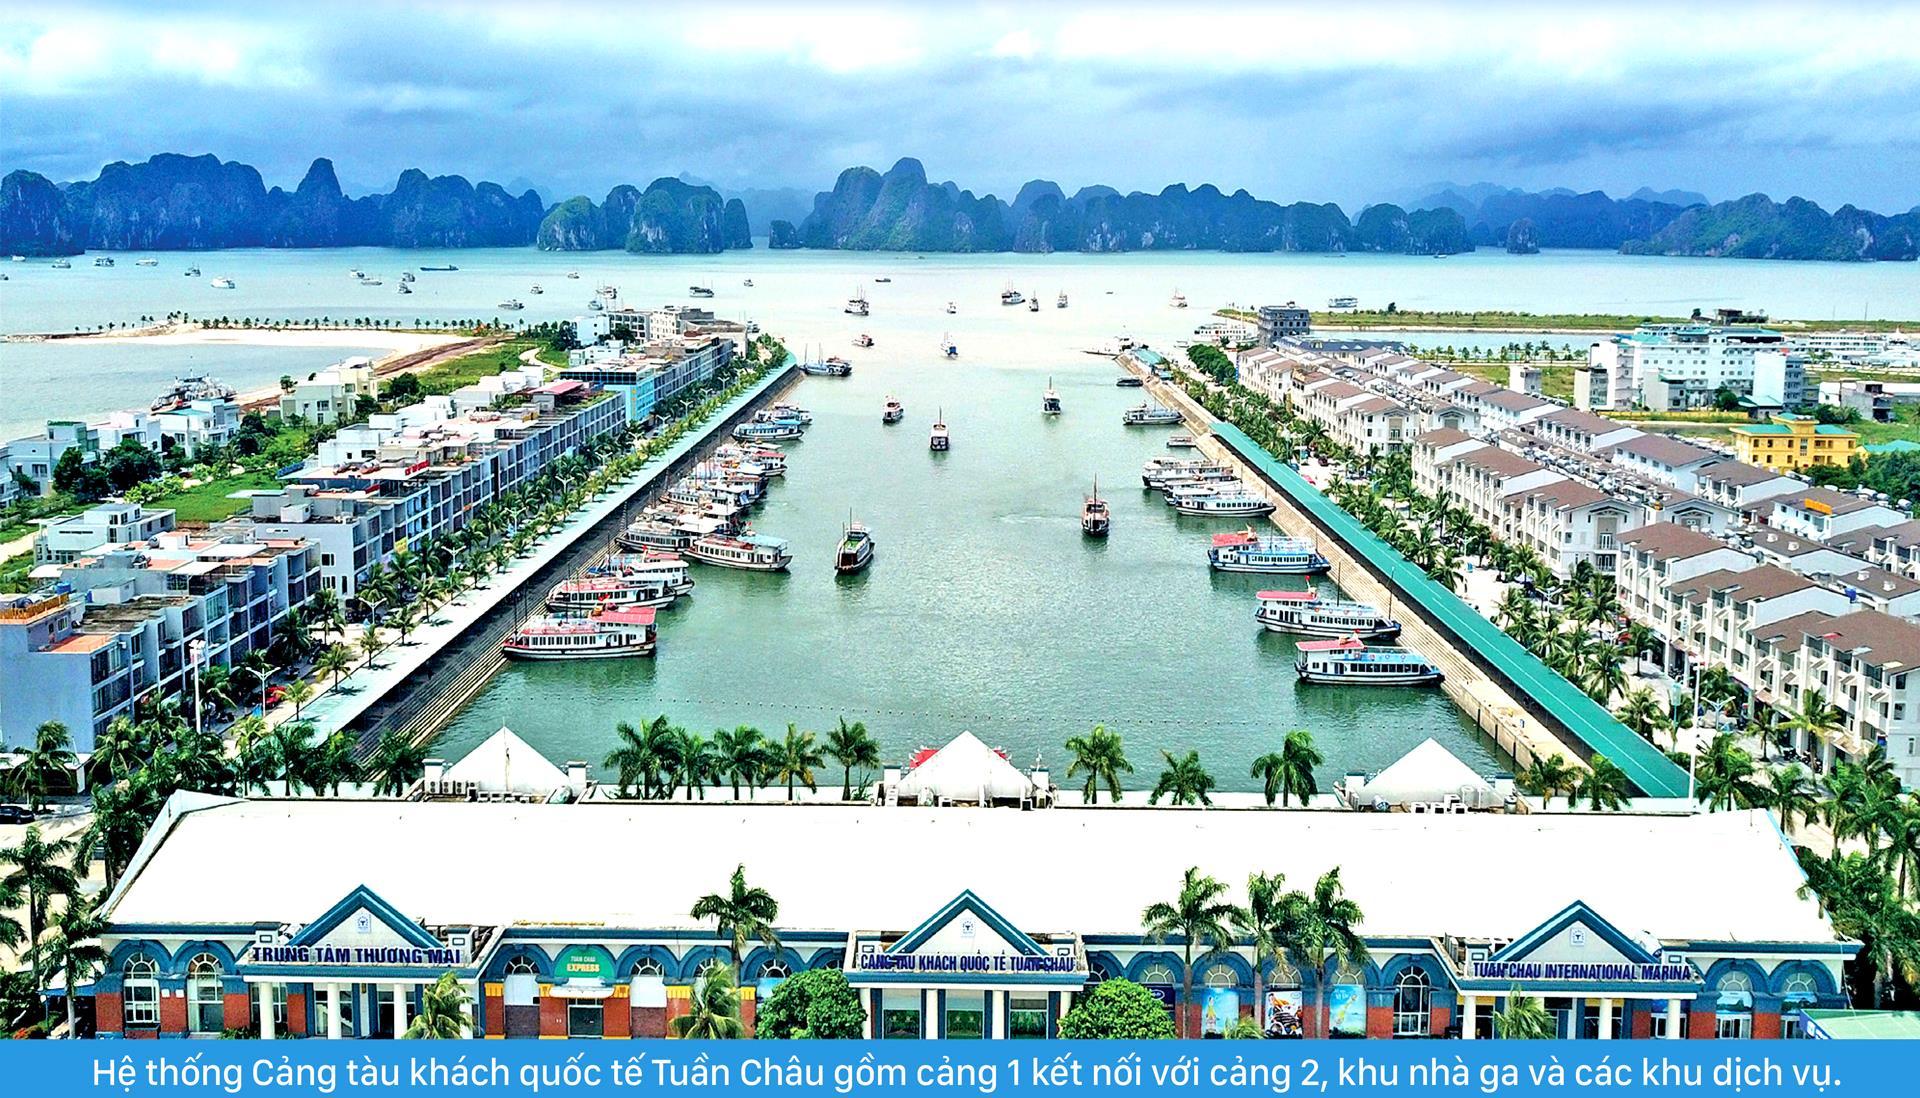 Cảng tàu khách quốc tế Tuần Châu: Một điểm đến nhiều tiện ích ảnh 2